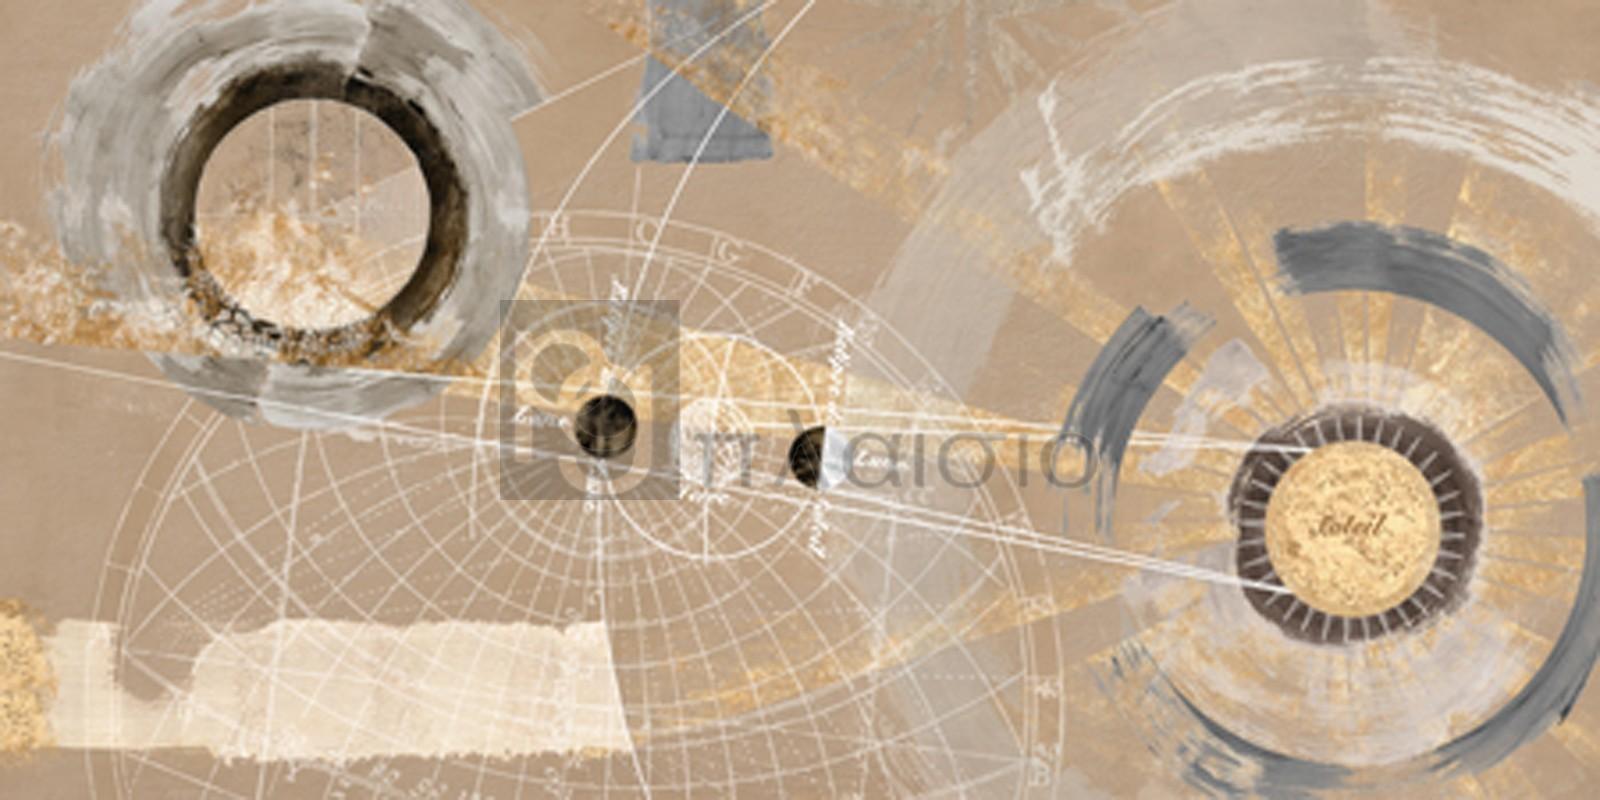 Arturo Armenti - Orbita solare